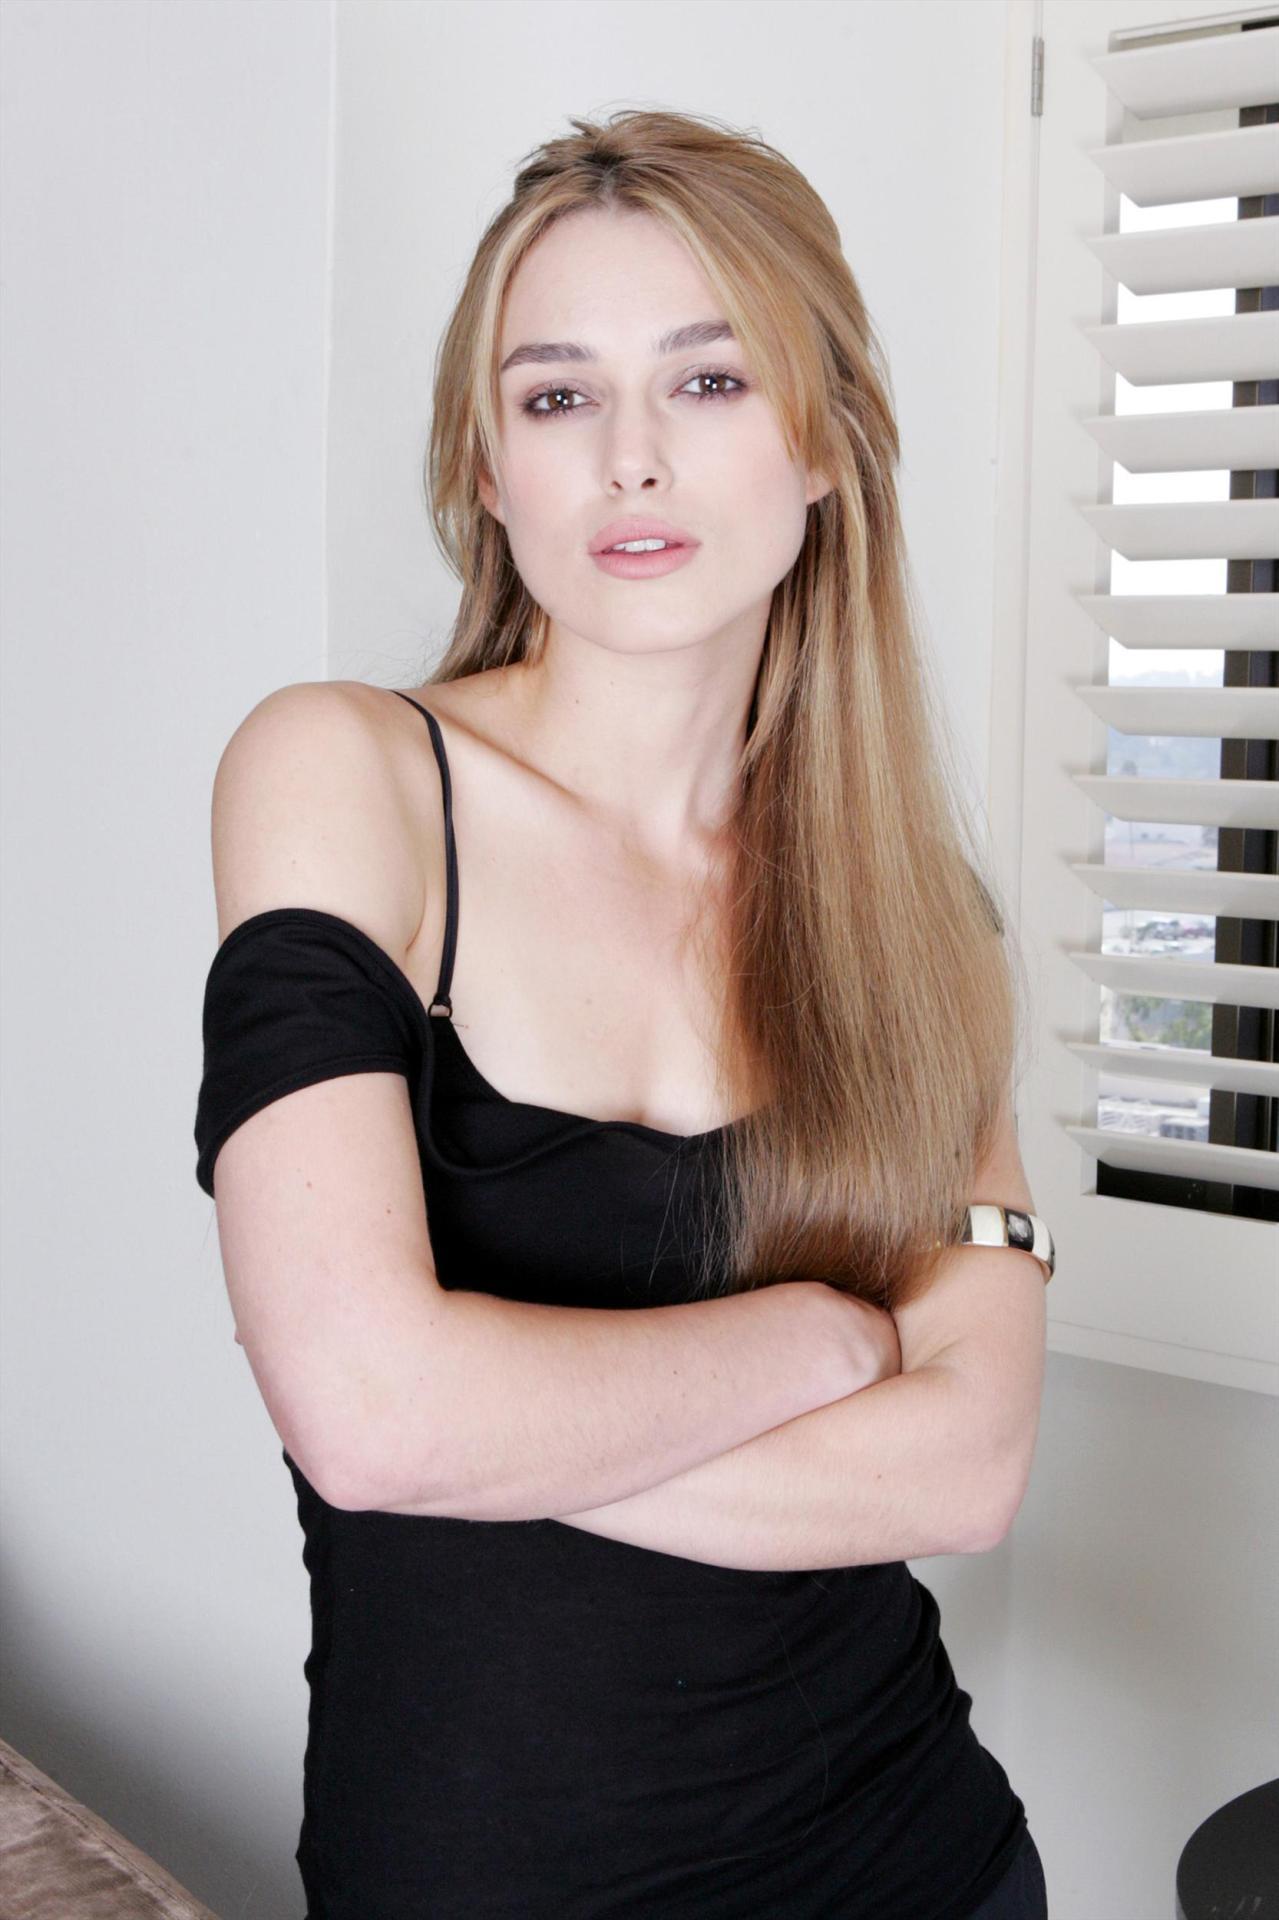 Norah Ashley